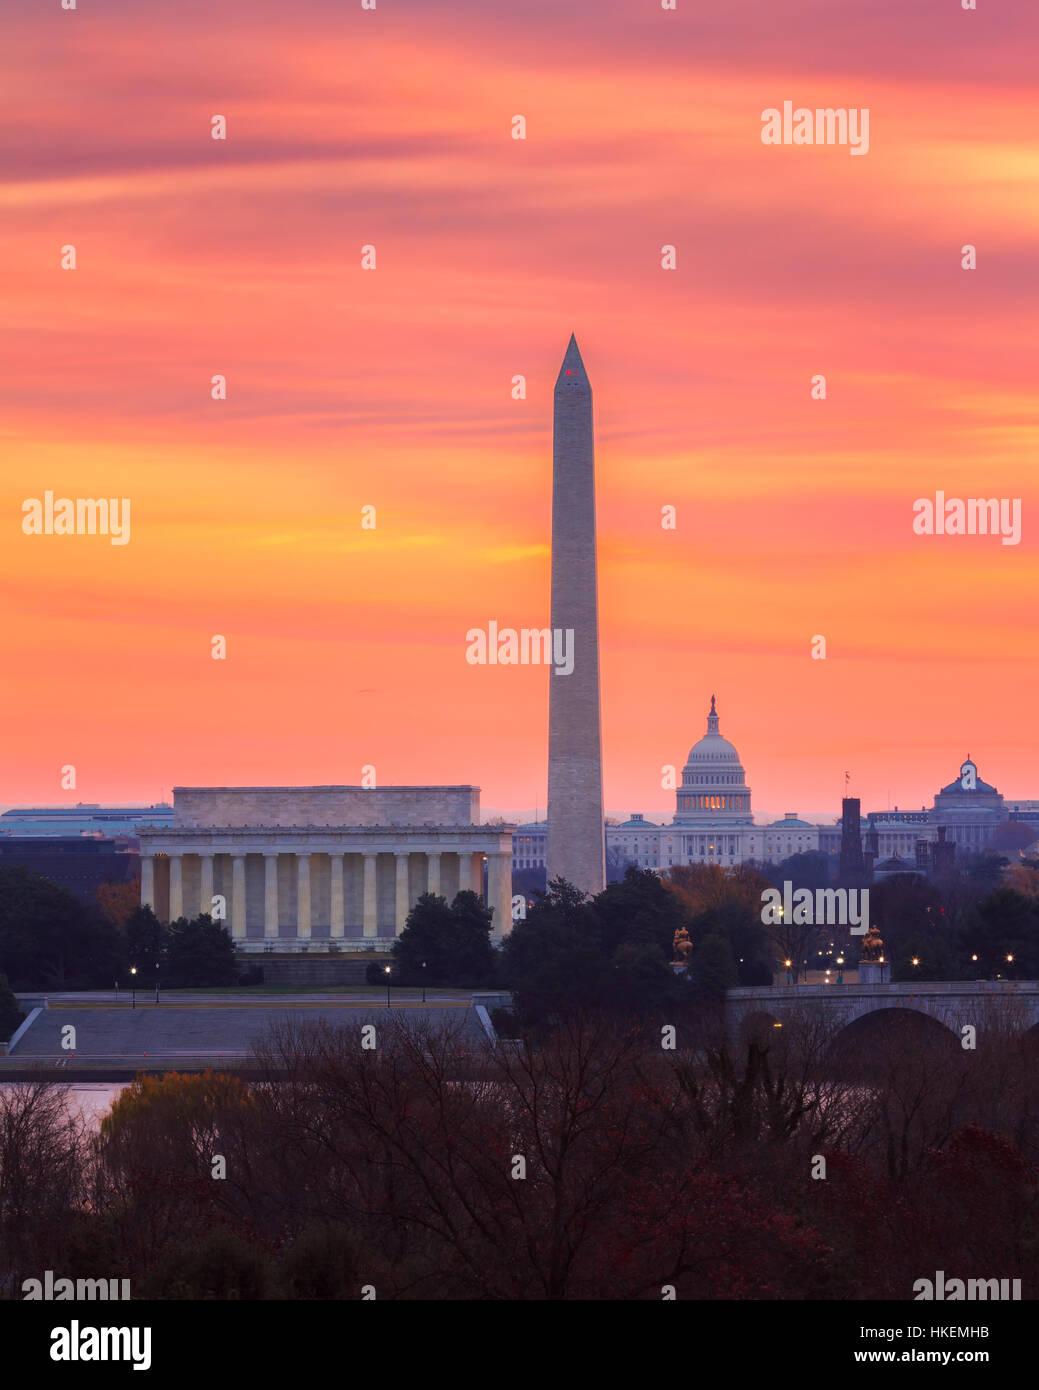 Sunrise over the Capital, Washington, DC - Stock Image